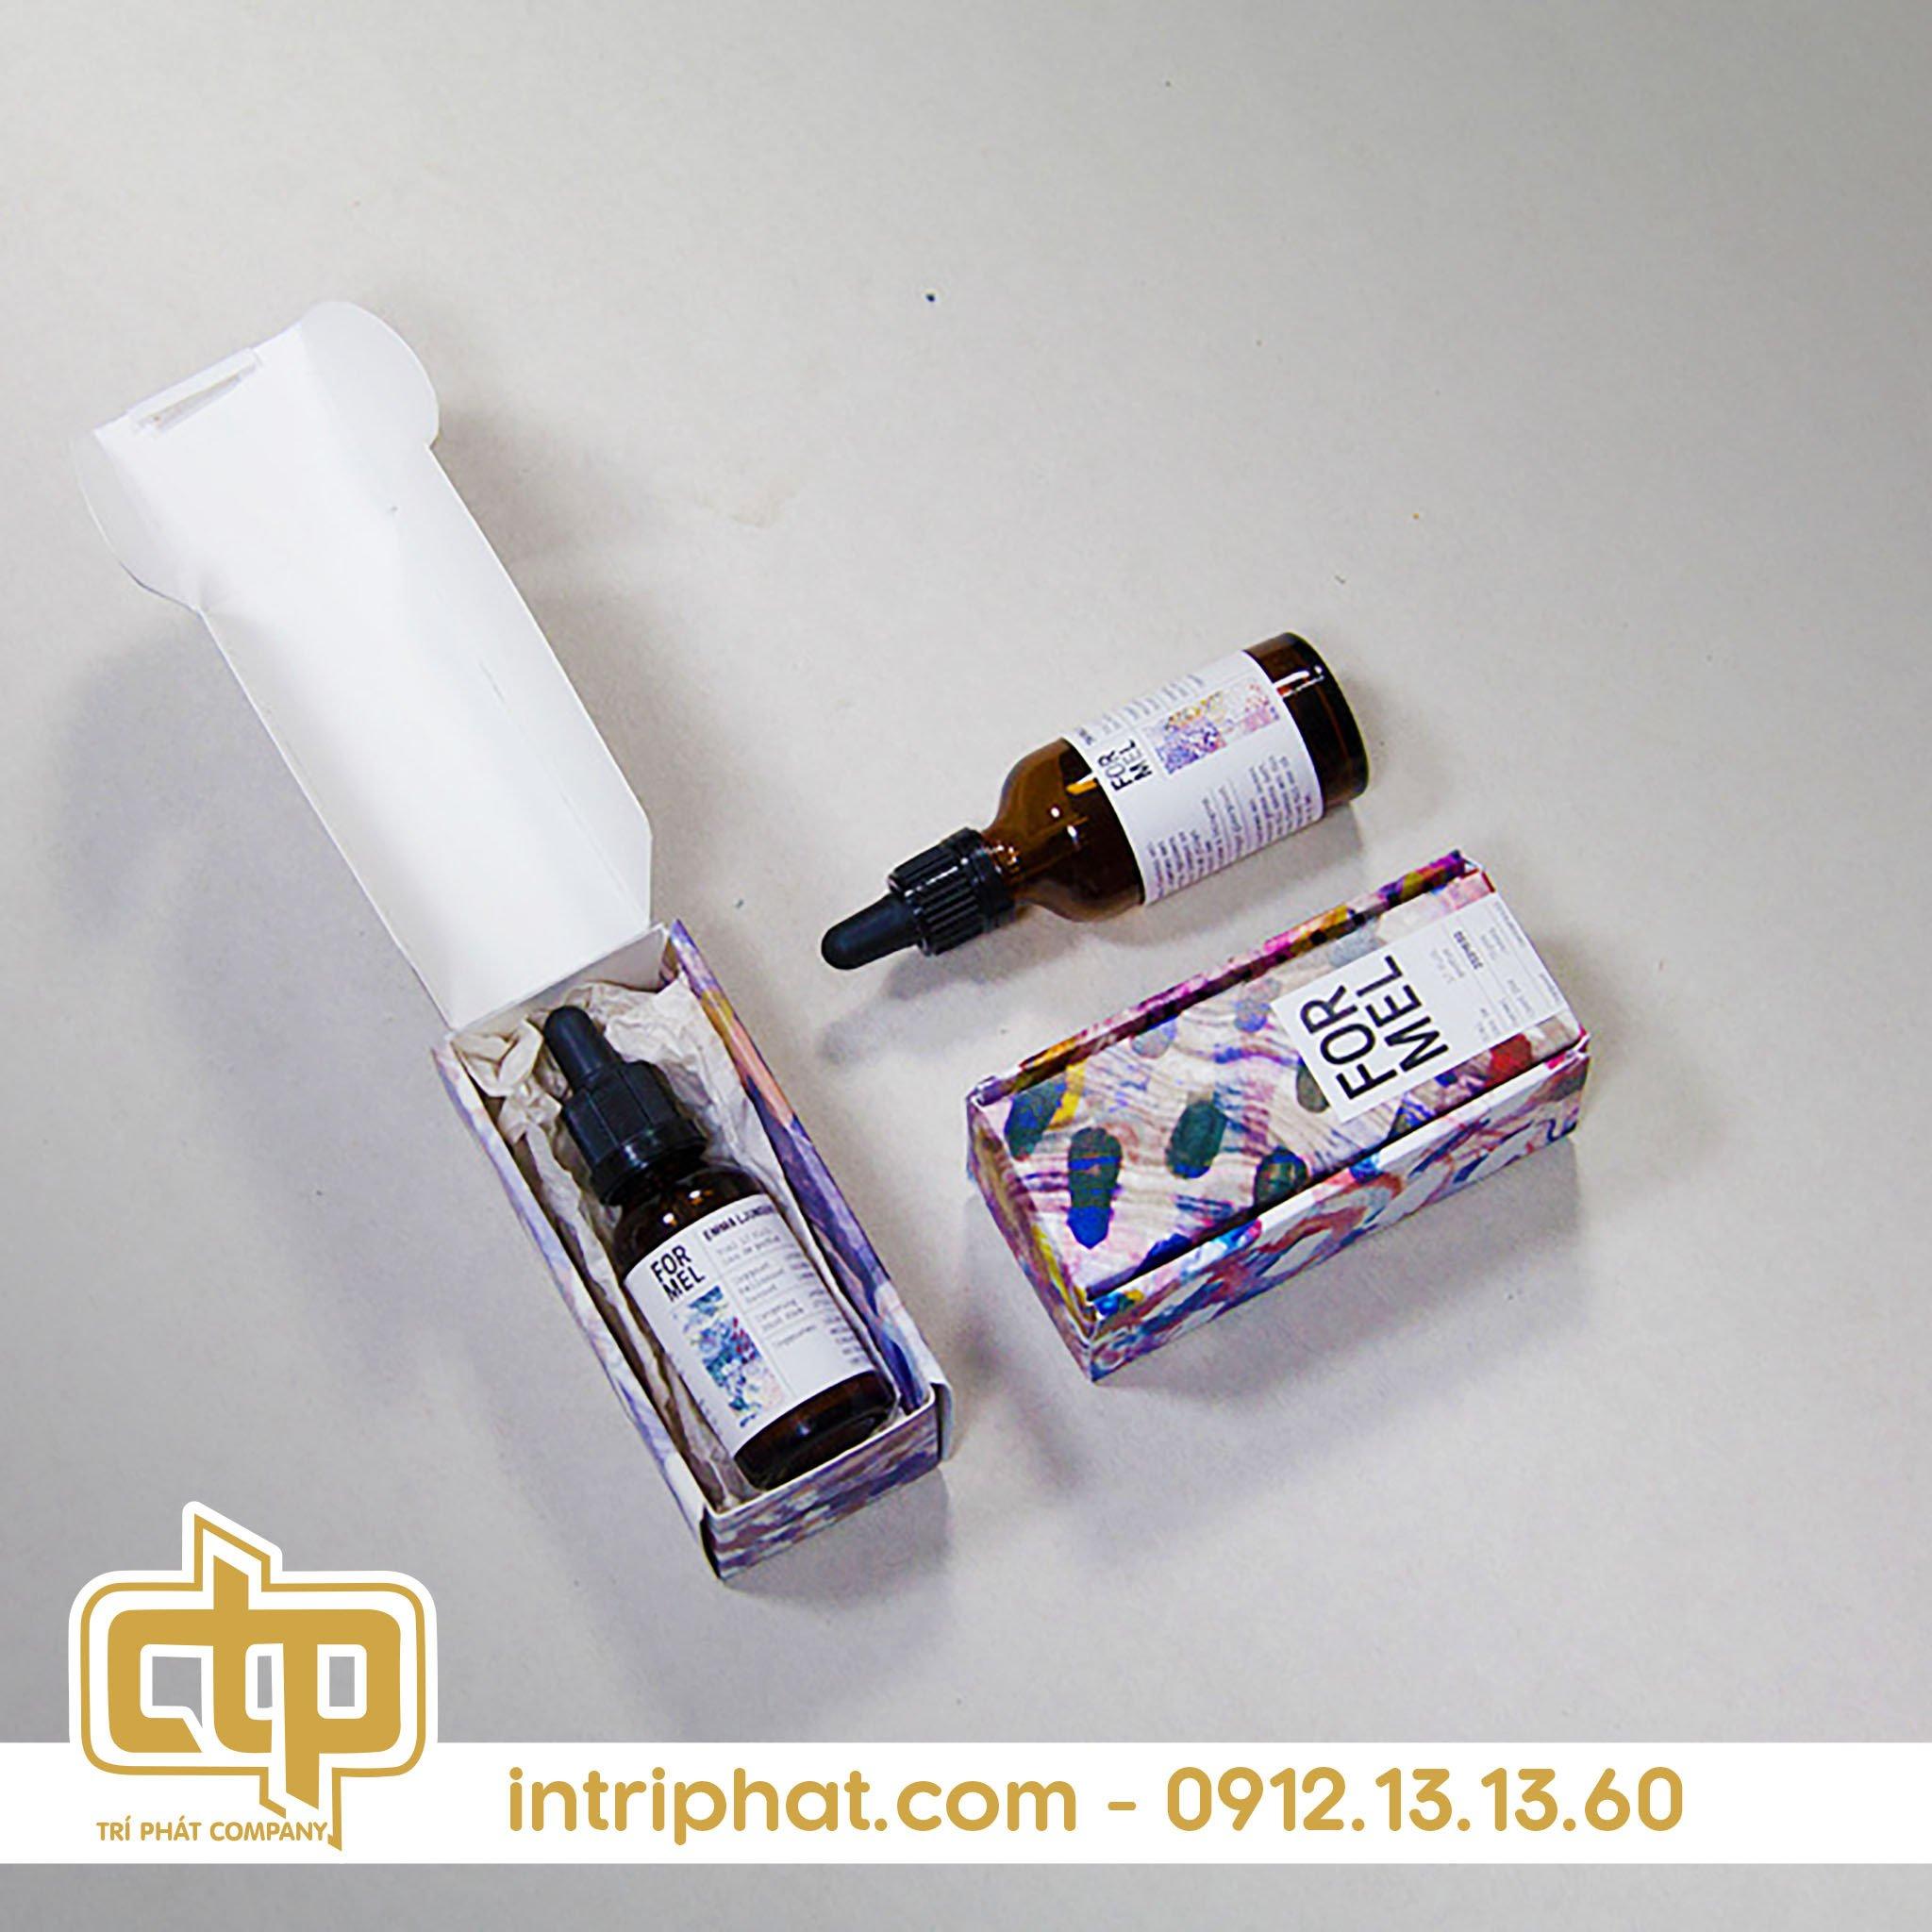 Mẫu hộp giấy đựng nước hoa chất lượng